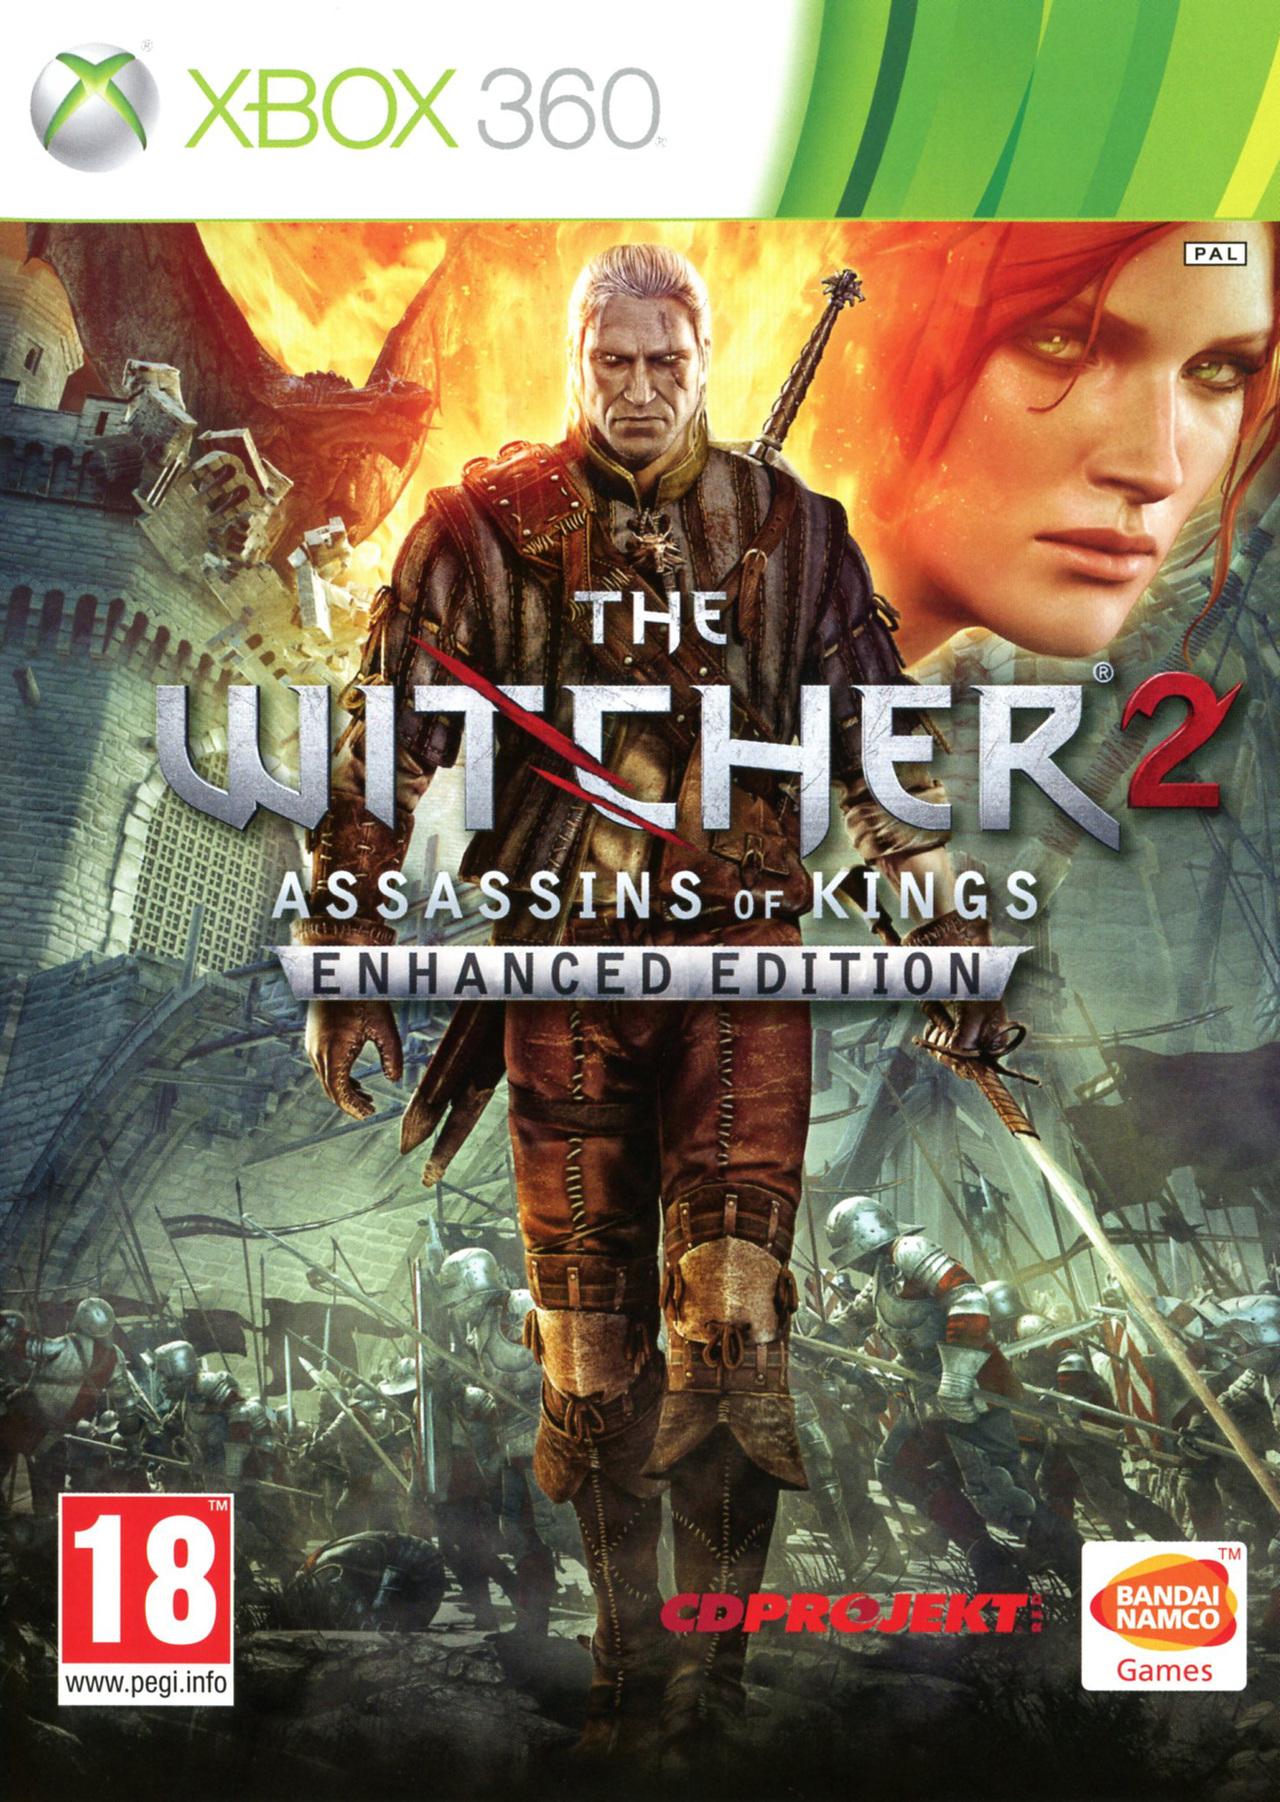 Witcher 2 Xbox 360/ONE kostenlos! auch ohne Xlive GOLD!